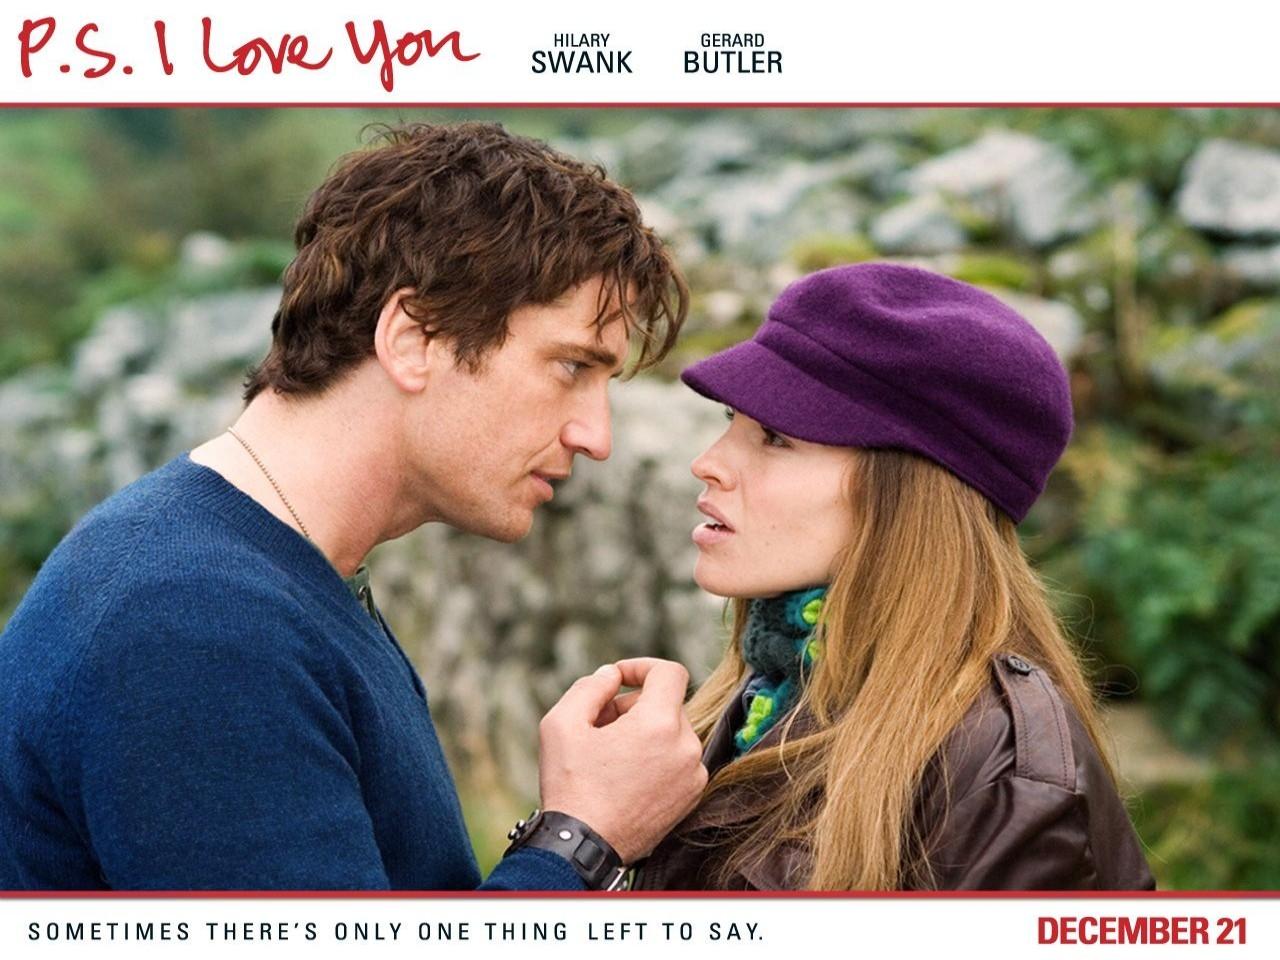 Wallpaper della commedia agrodolce  P.S. I Love You - Non è mai troppo tardi per dirlo